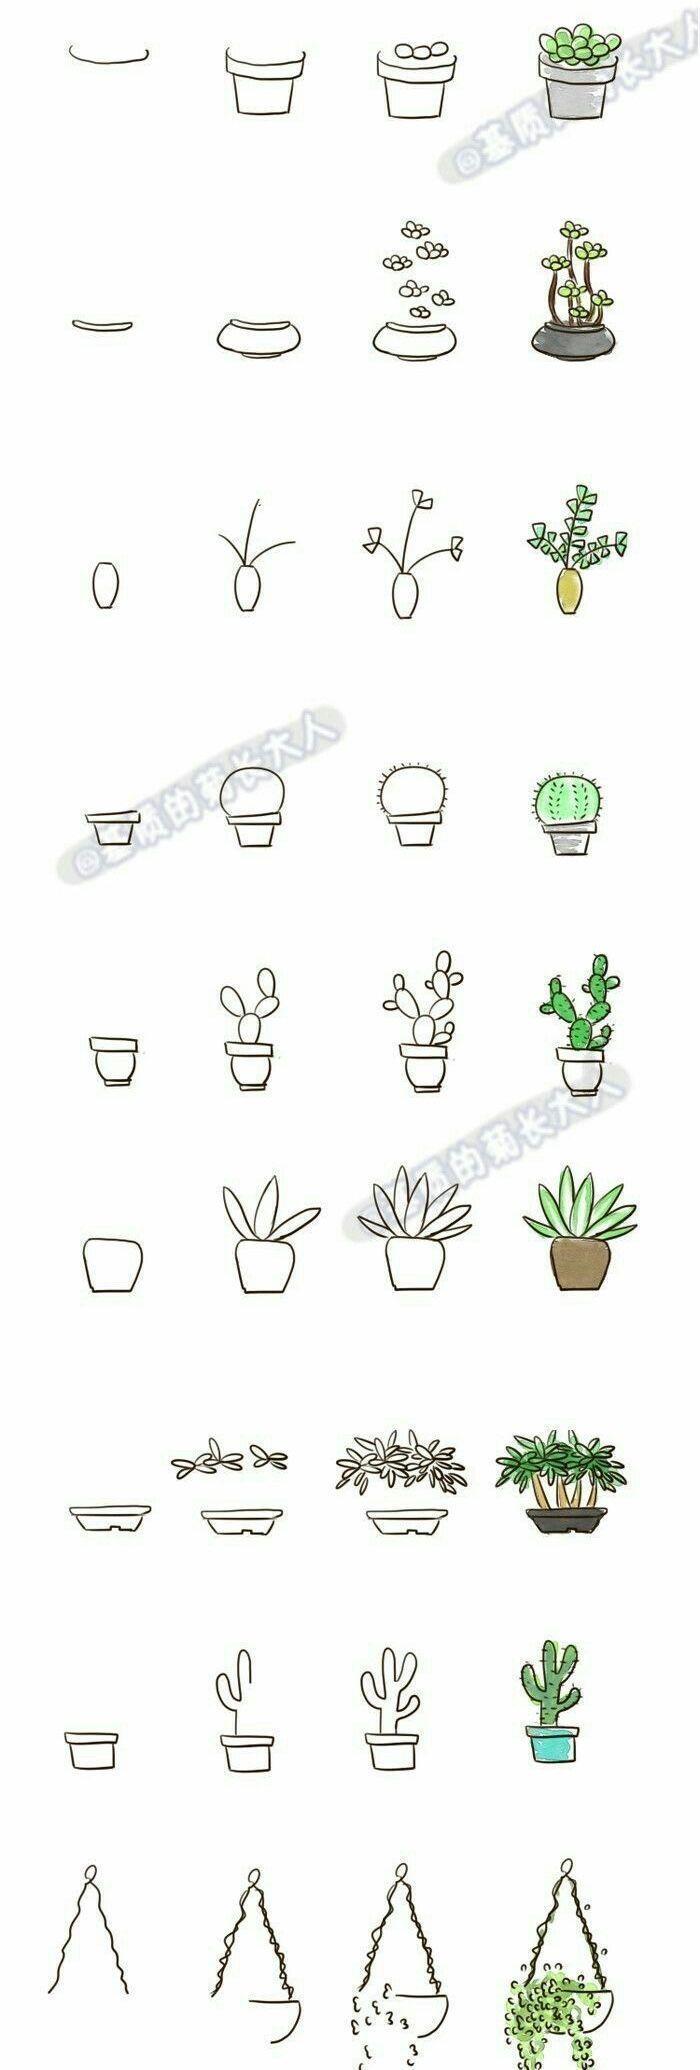 Doodle-Zeichnung für Ihr Bullet Journal, sukkulenten Kaktus Schritt für Schritt ... - Joyeux Noel20